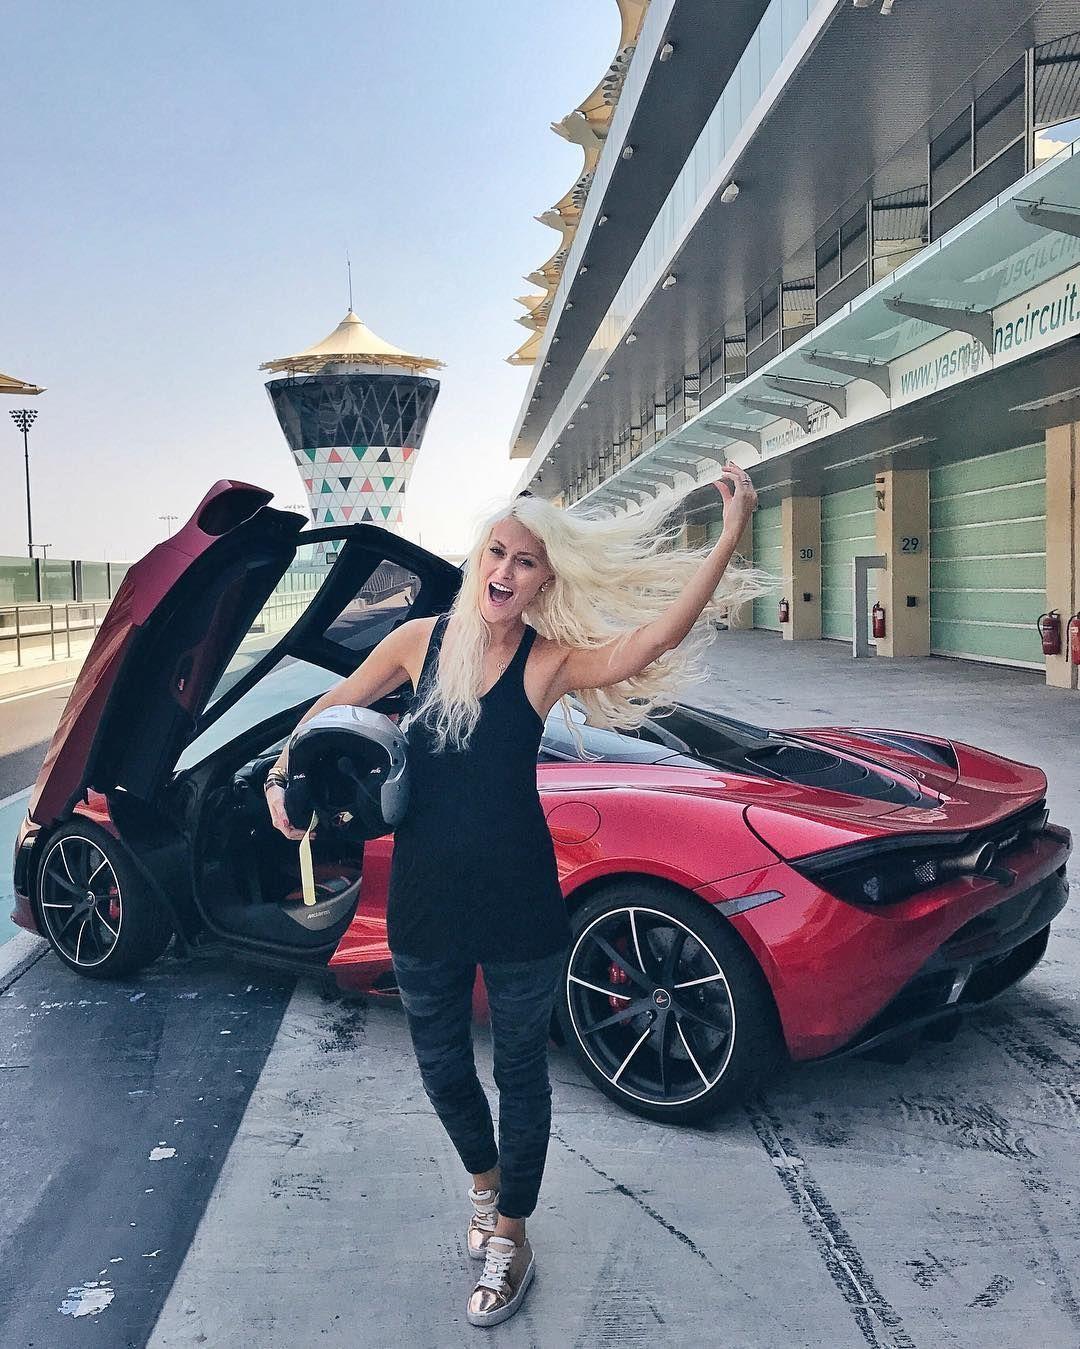 Super Car Blondie In 2020 Super Cars Car Girls Pretty Cars